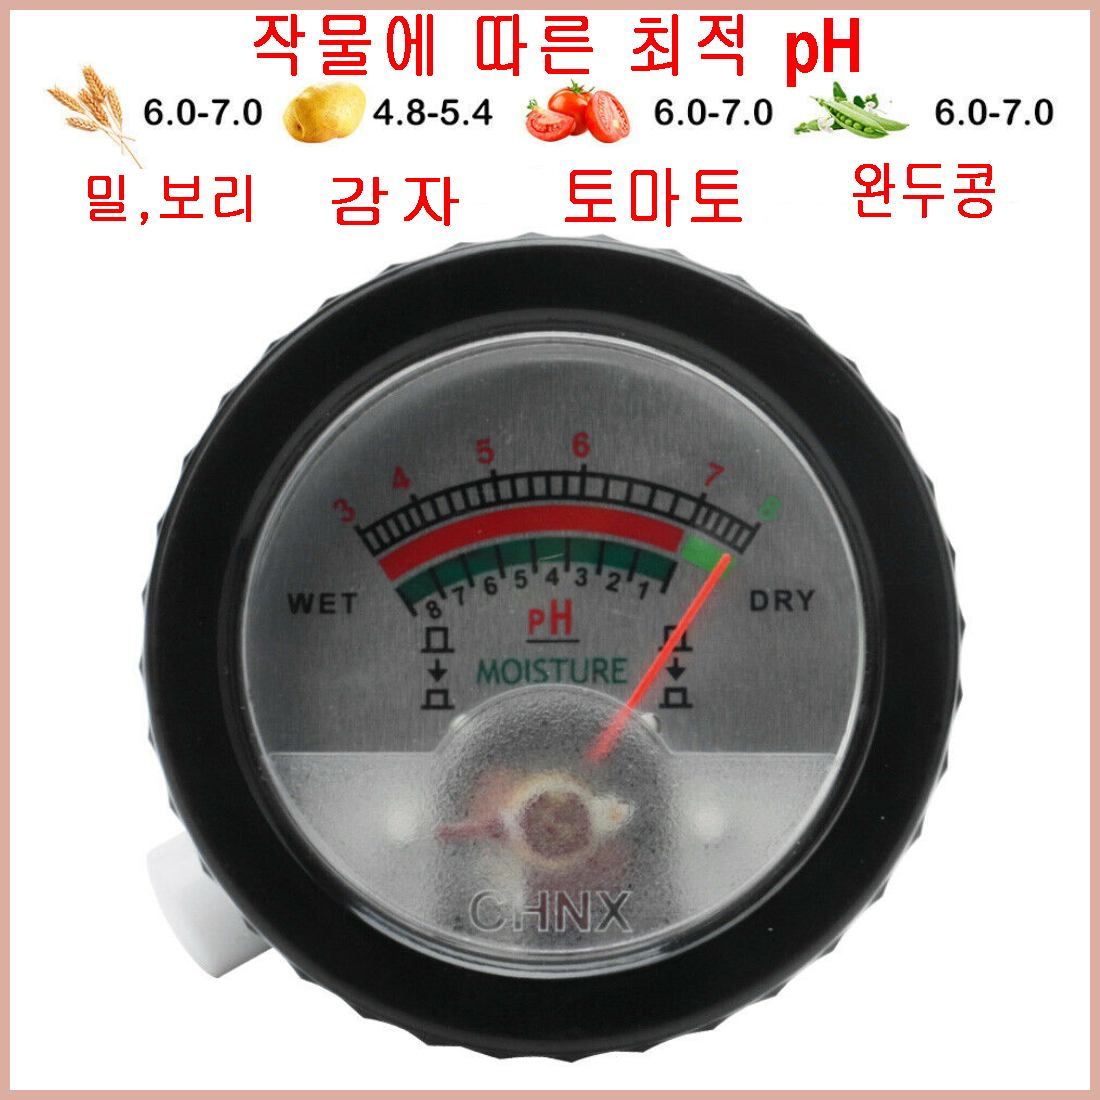 토양수분계/산도계(VT-05)